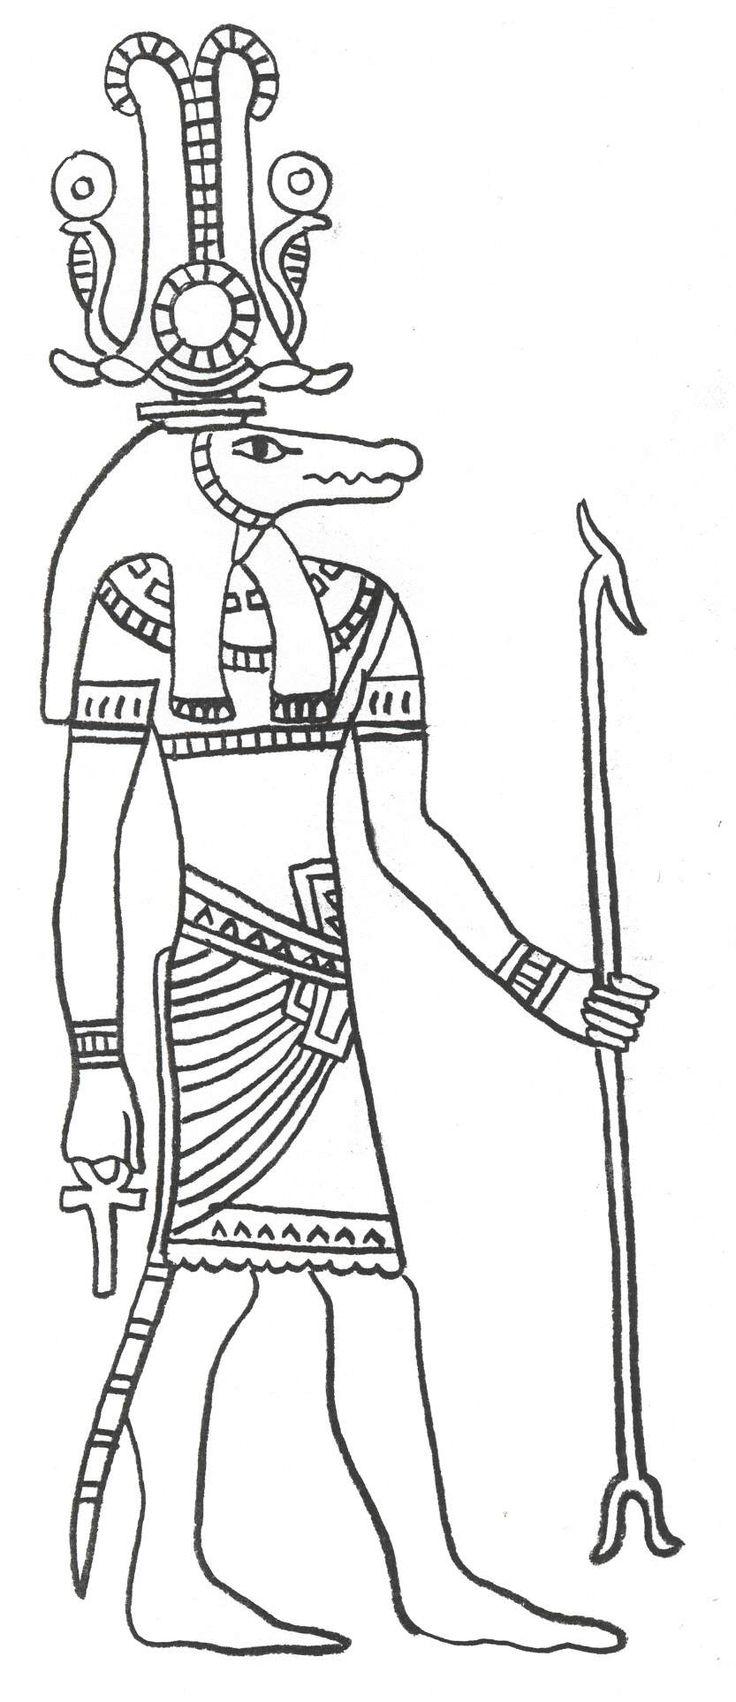 http://www.boiseartmuseum.org/education/egyptian/Sobek.jpg